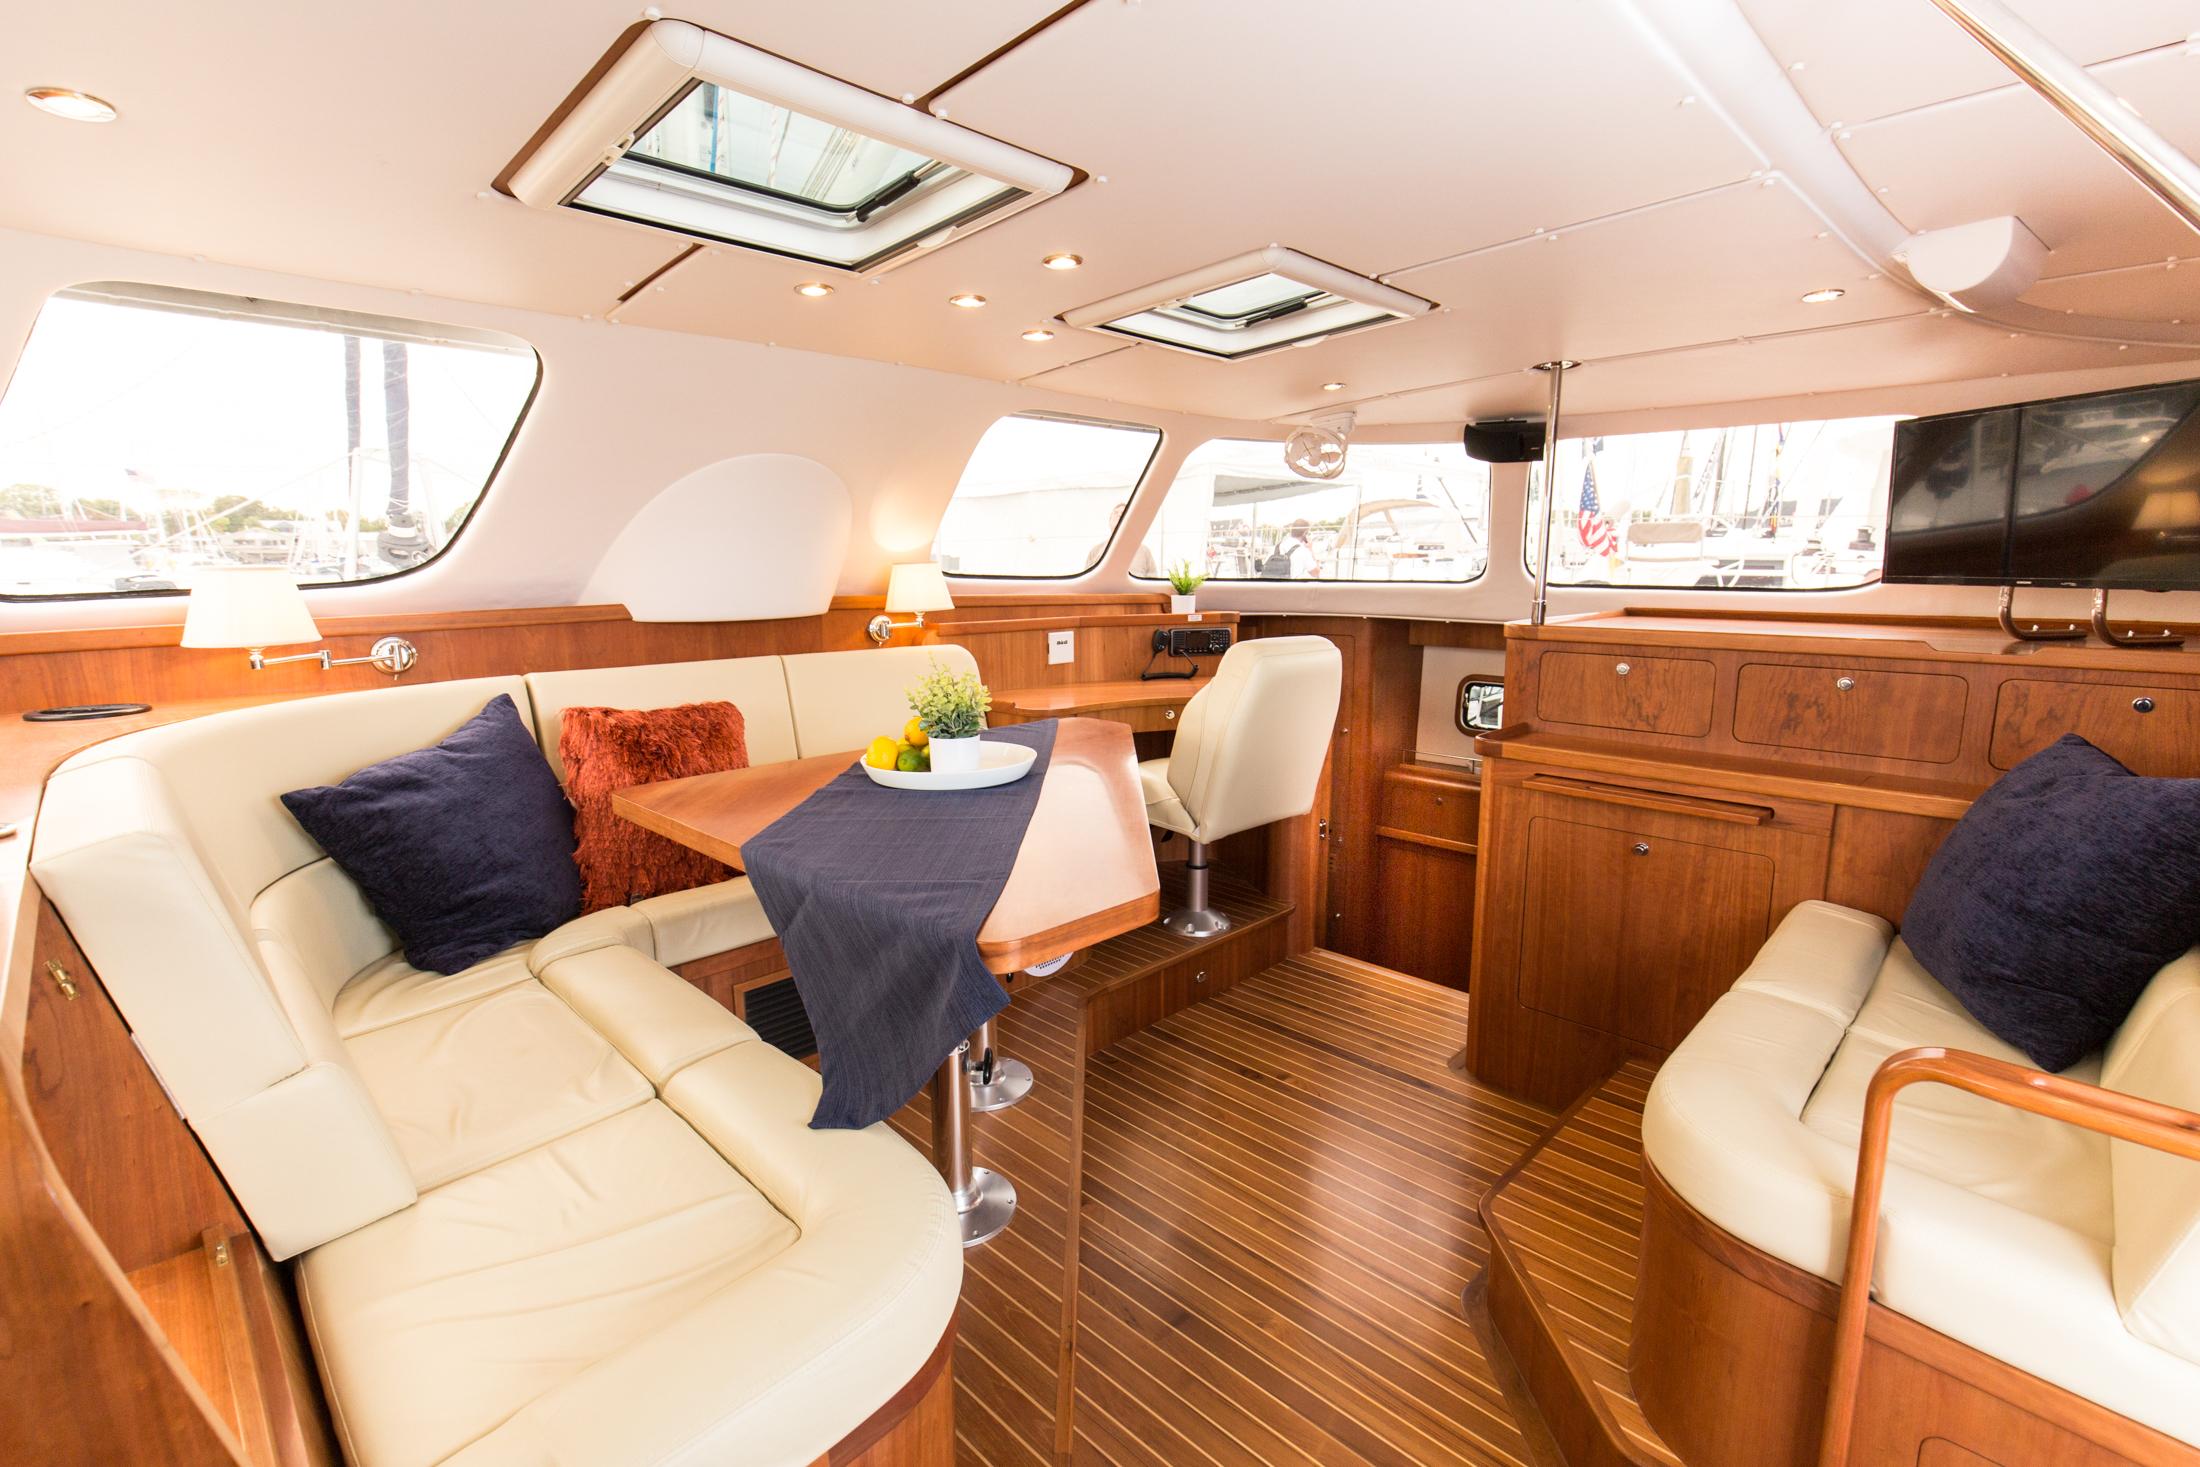 The interior of Volare